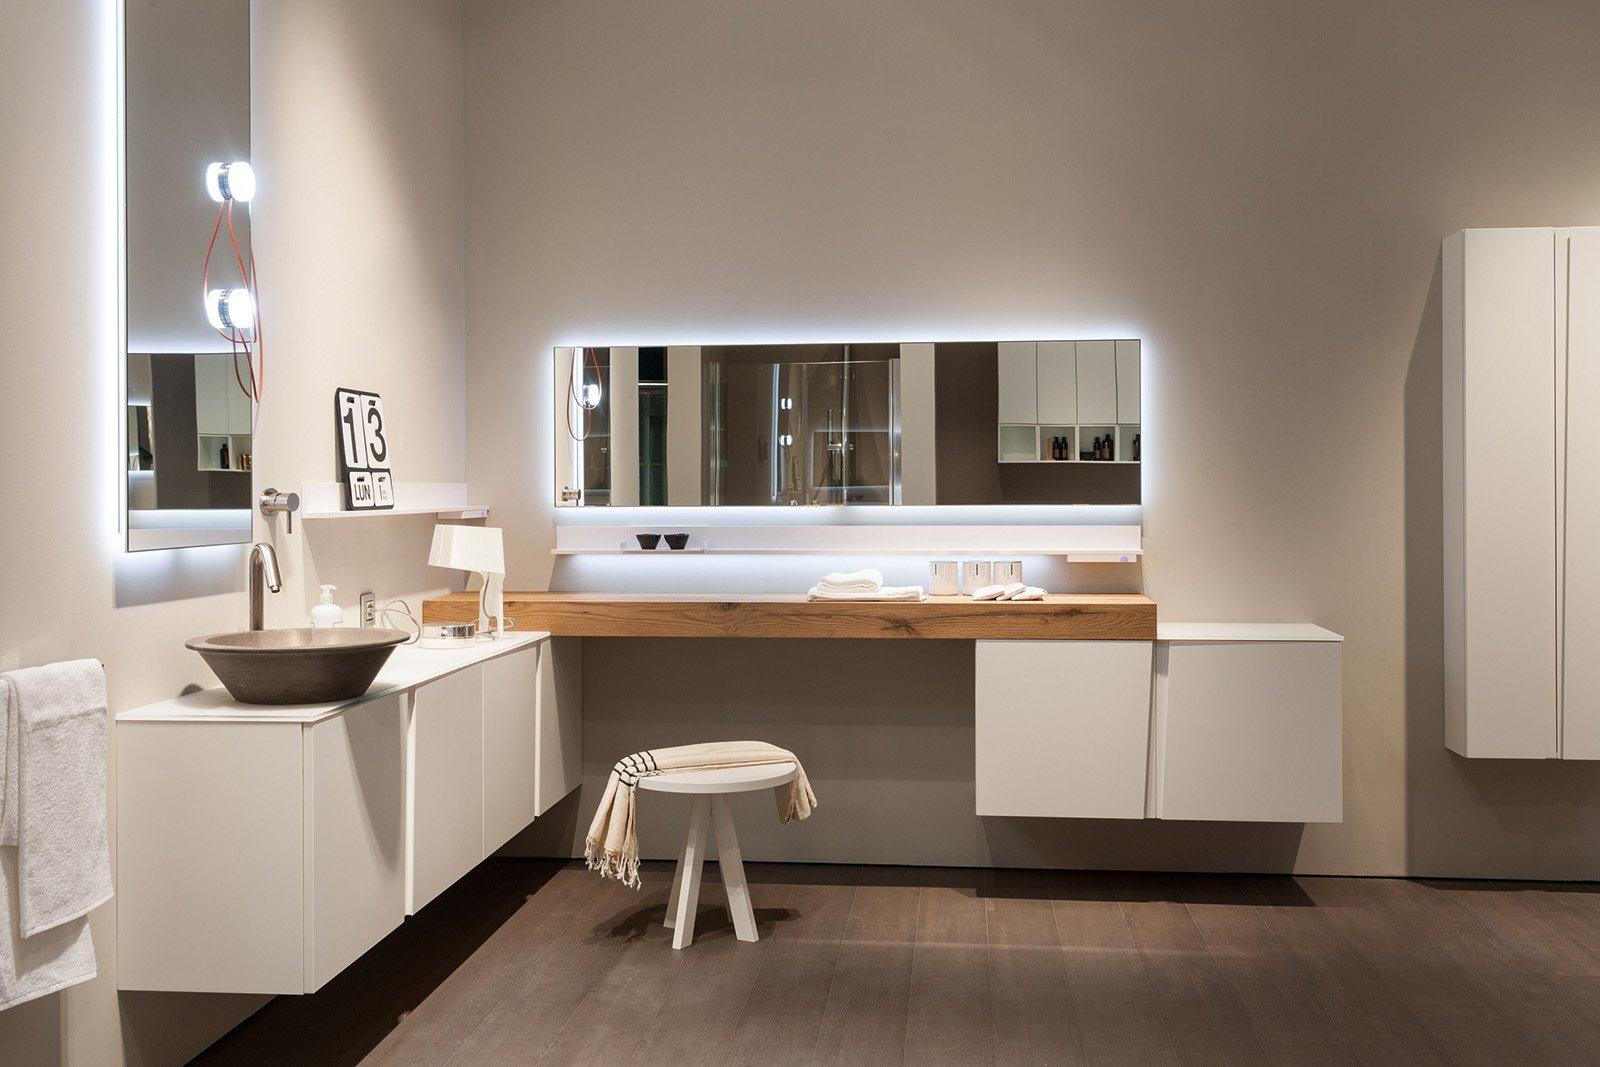 Specchio bagno design luce per specchio bagno blazondentalmarketing